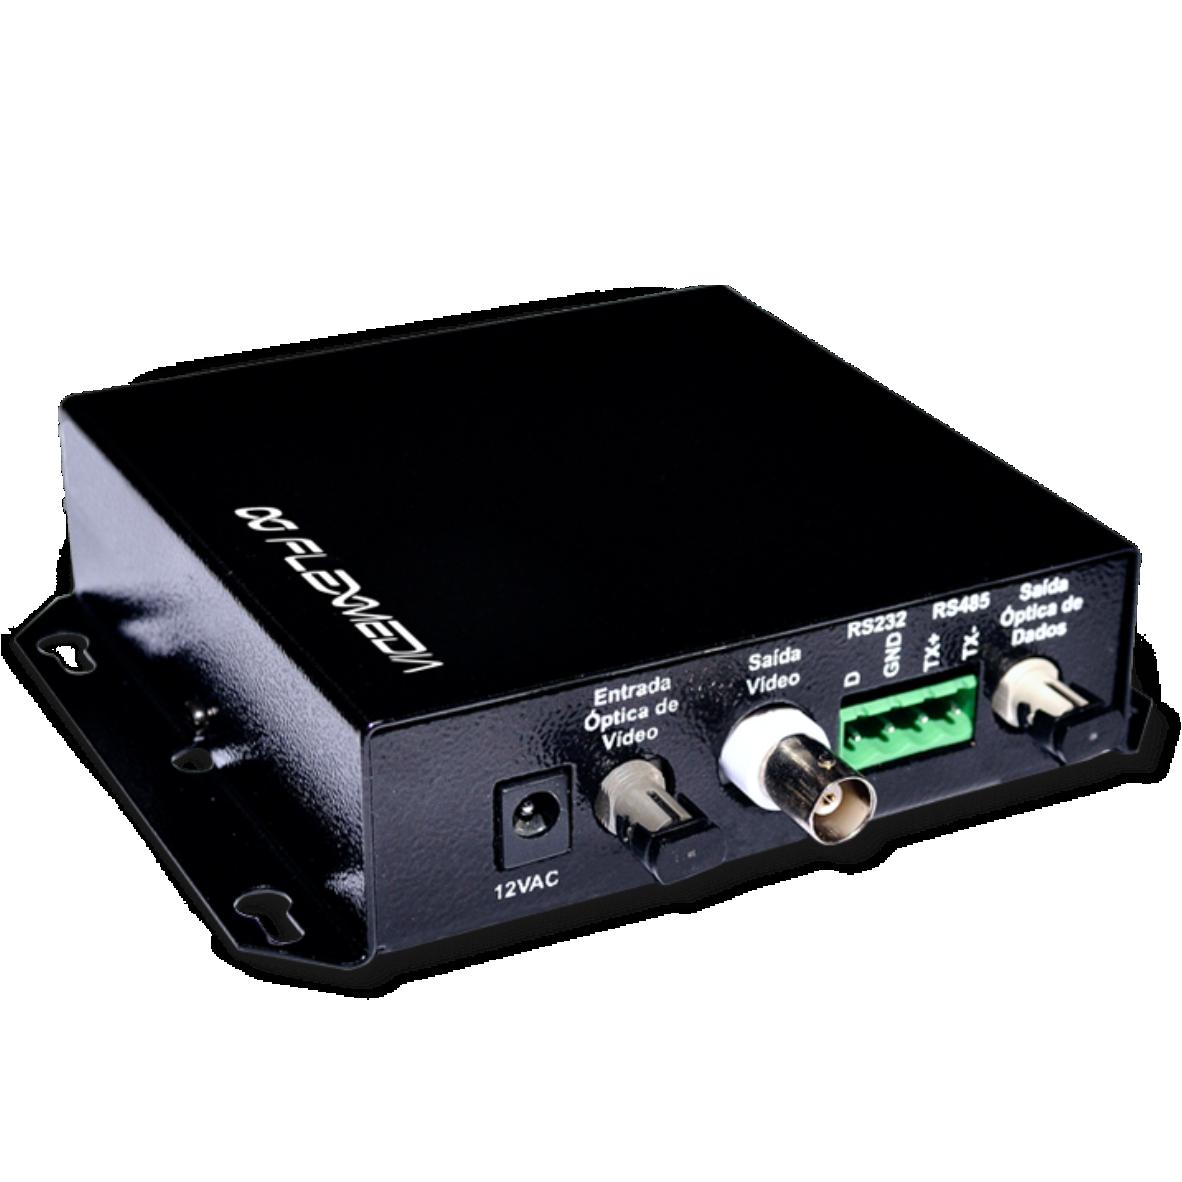 Conversor de vídeo e dados em duas fibras – Multimodo